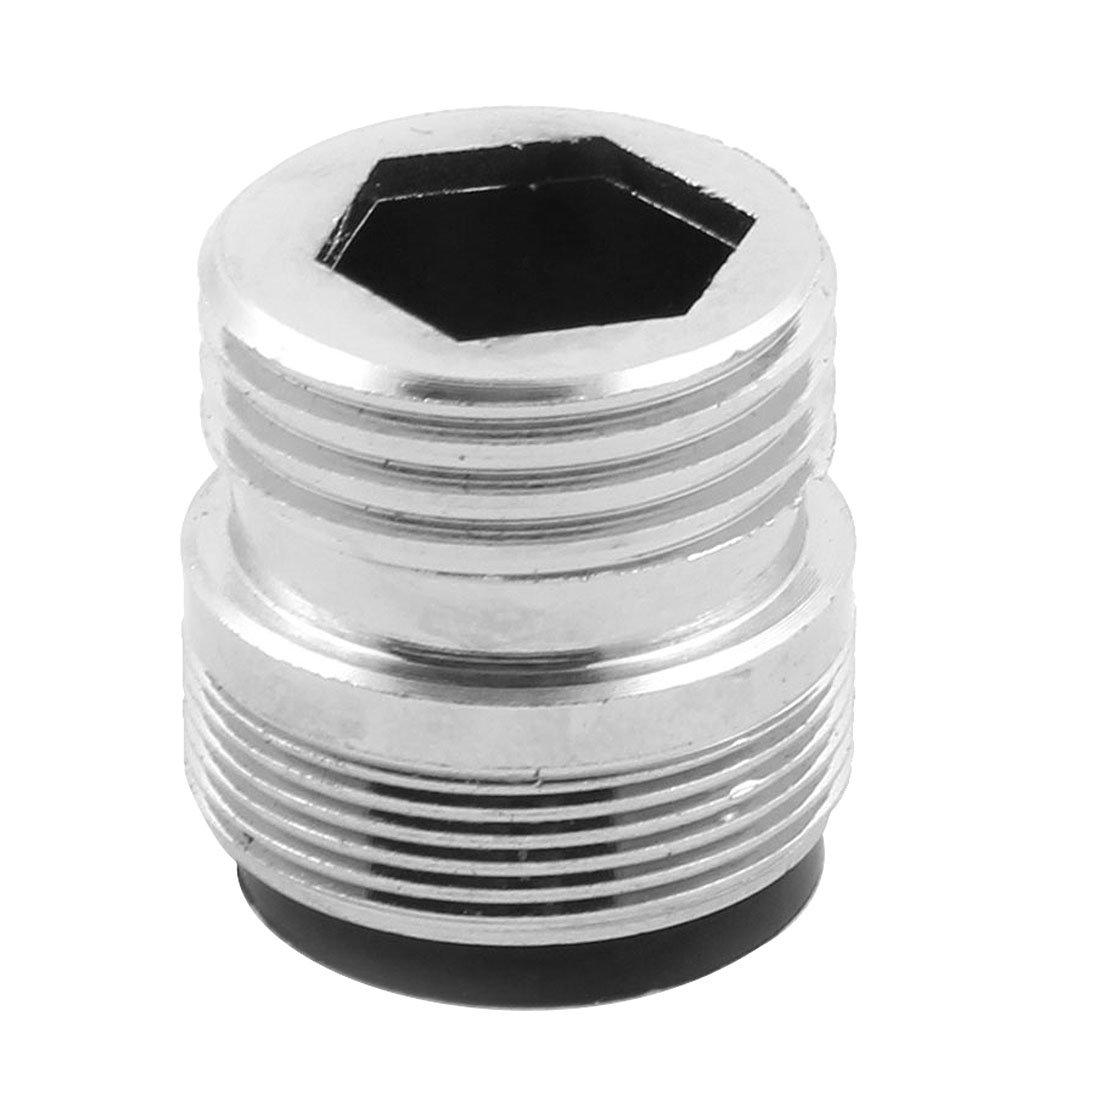 sourcing map Haus Kü chenarmatur Adapter Wasserhahn Schalteranschlussverbinder Silber Ton